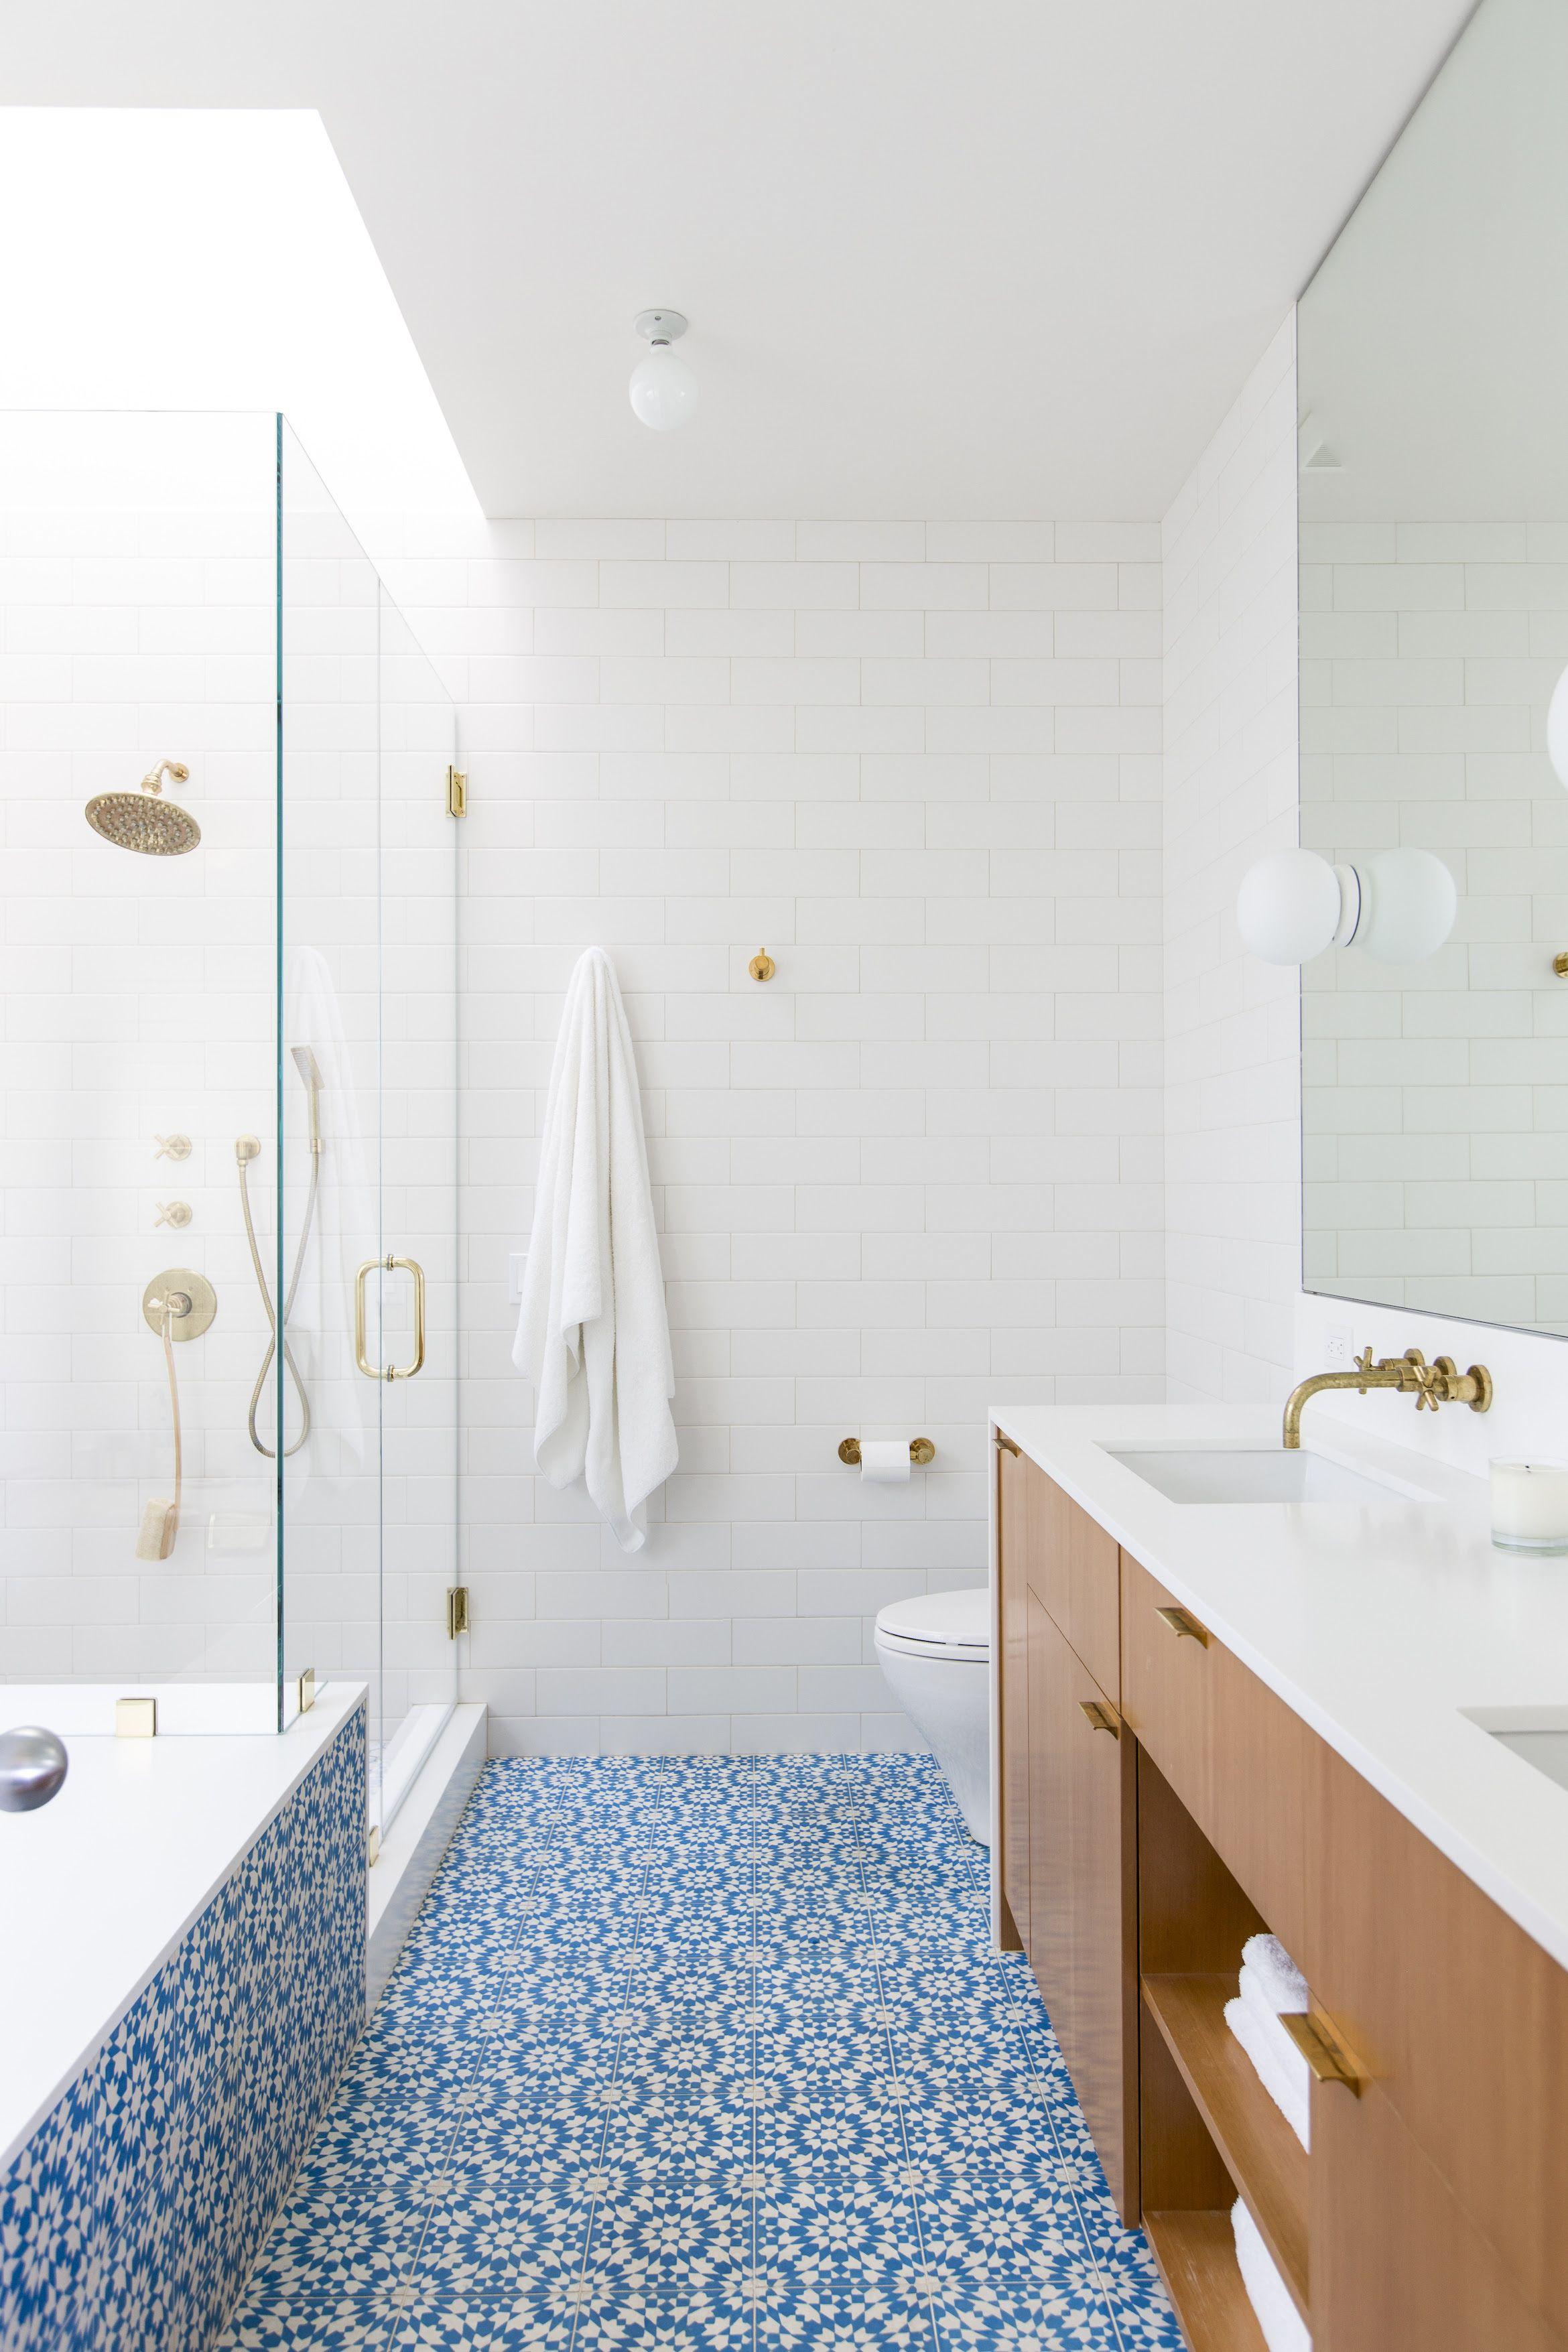 Faucet Badezimmer Einrichtung Badezimmer Innenausstattung Badezimmer Renovieren